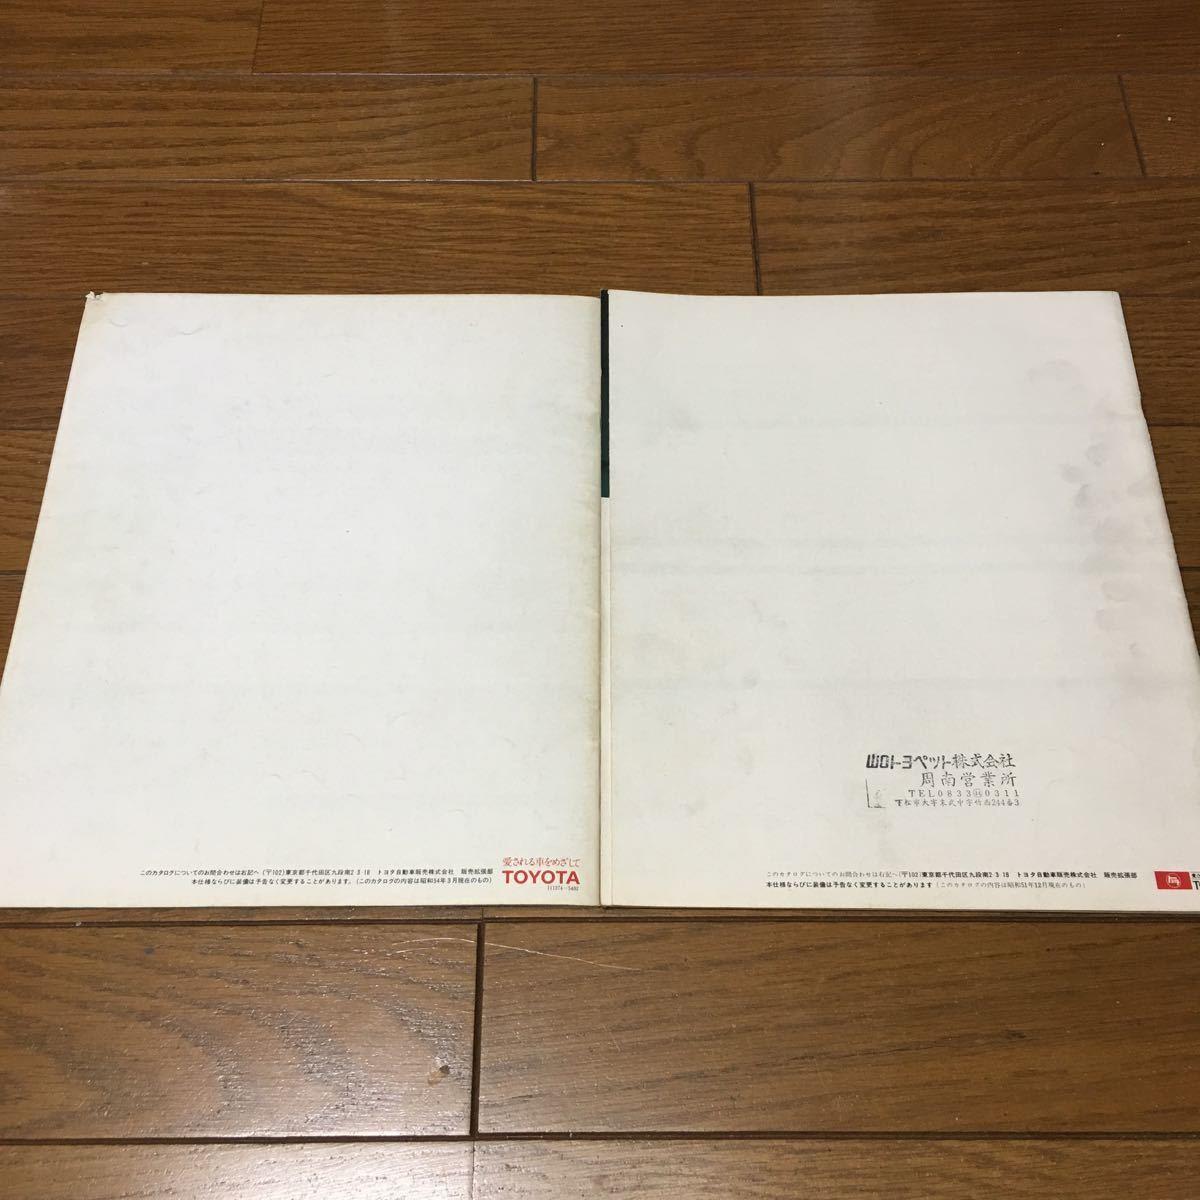 絶版 旧車カタログ トヨタ マークII ブタメ 2冊セット 当時物 希少 _画像10